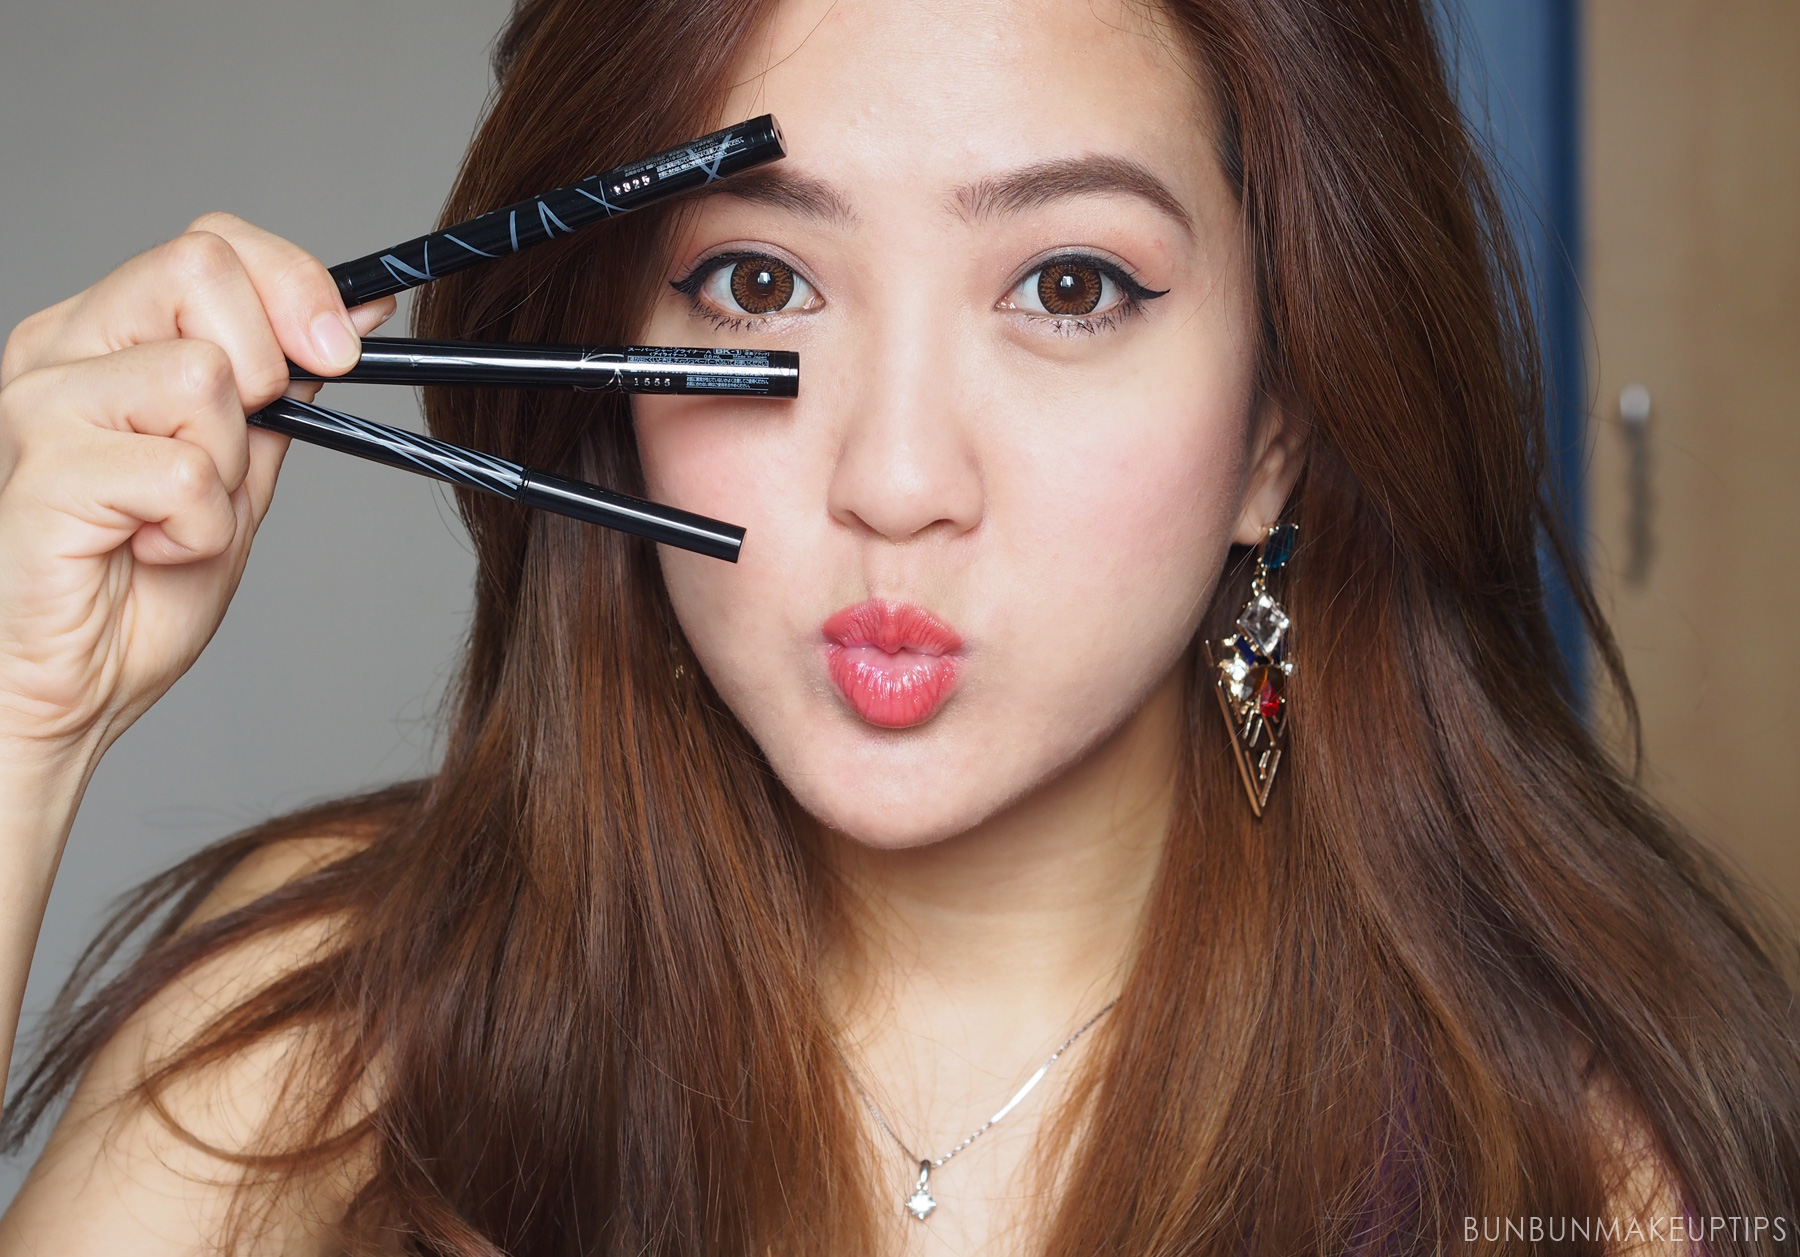 Kate-Super-Sharp-Liner,-Quick-Eyeliner,-Slim-Gel-Pencil-Review_3